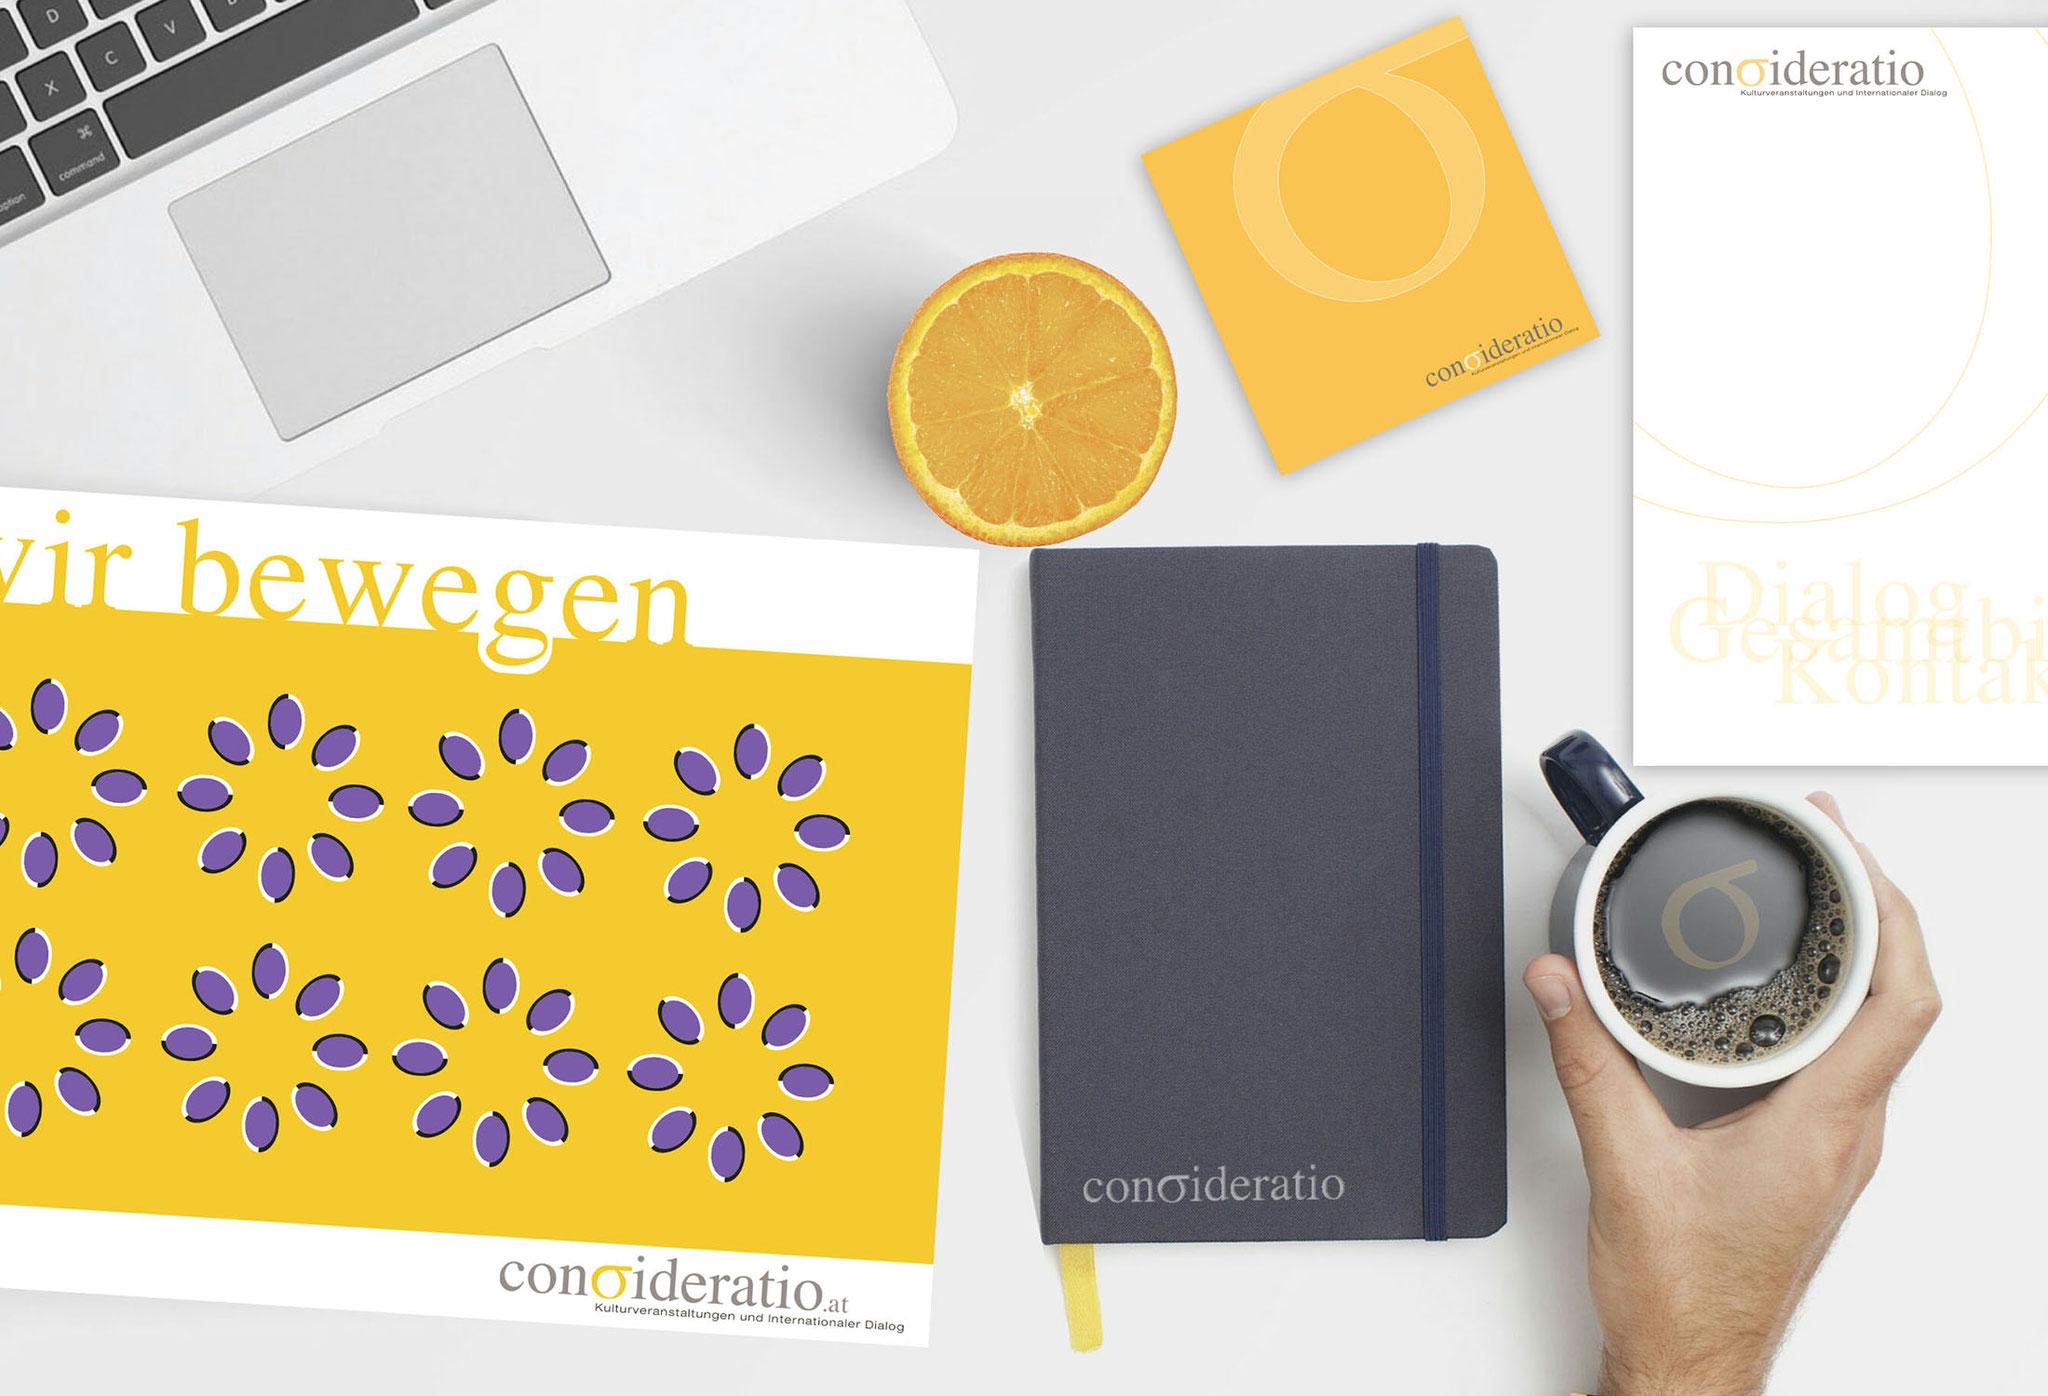 Consideratio | CI, Website